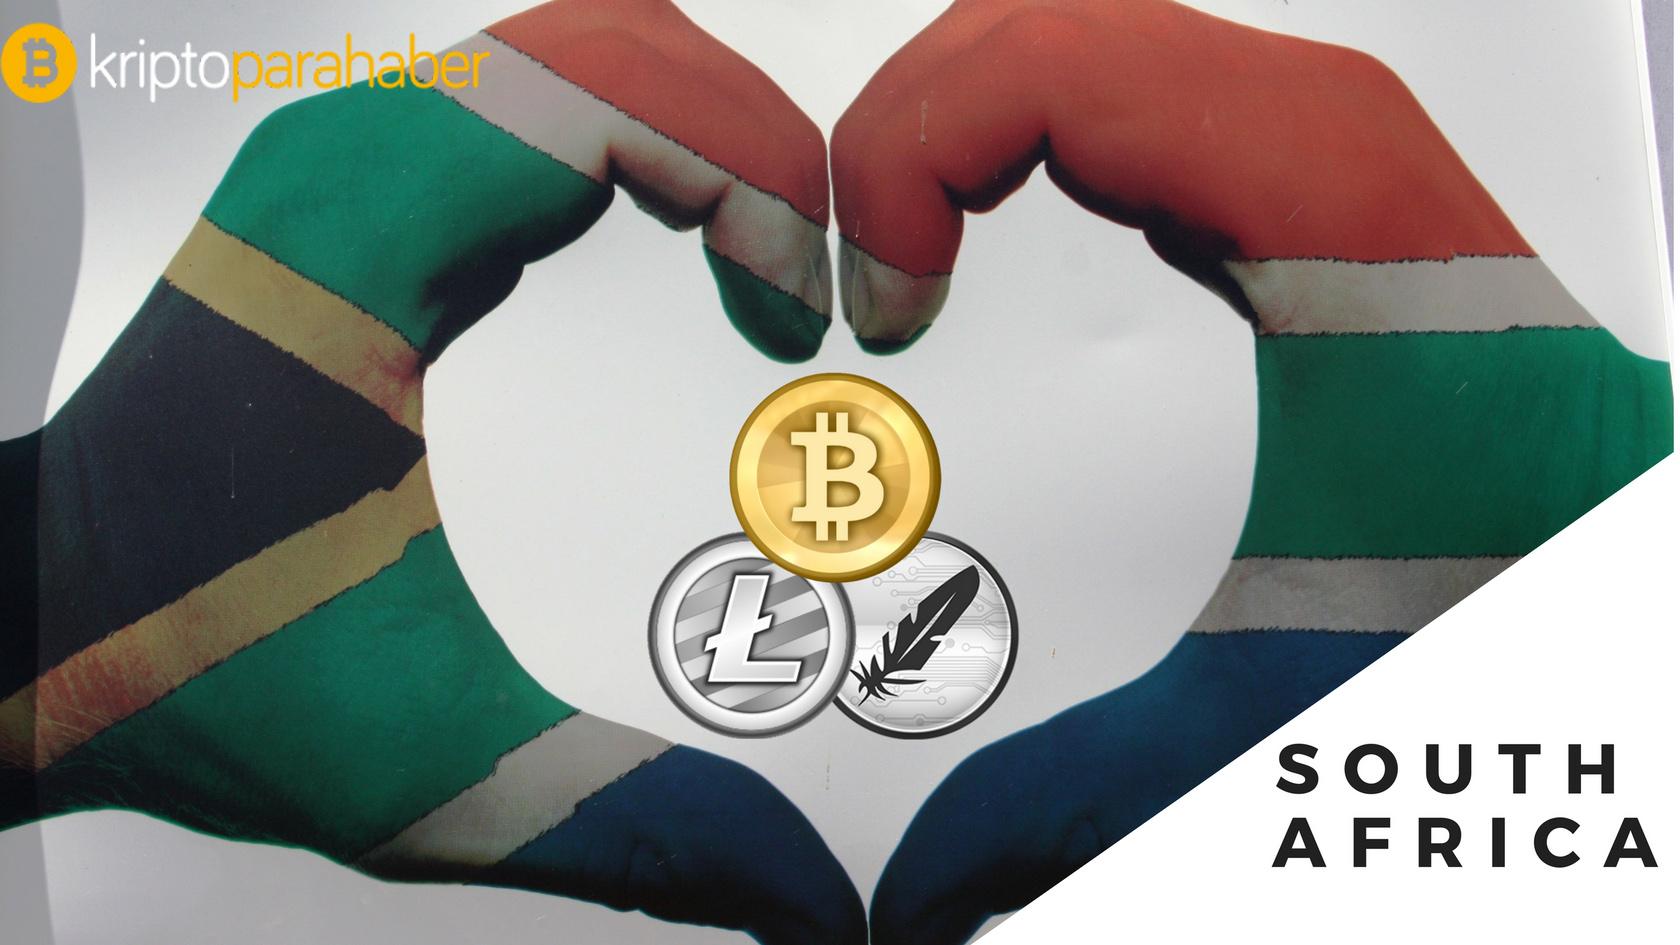 Güney afrika merkez bankası